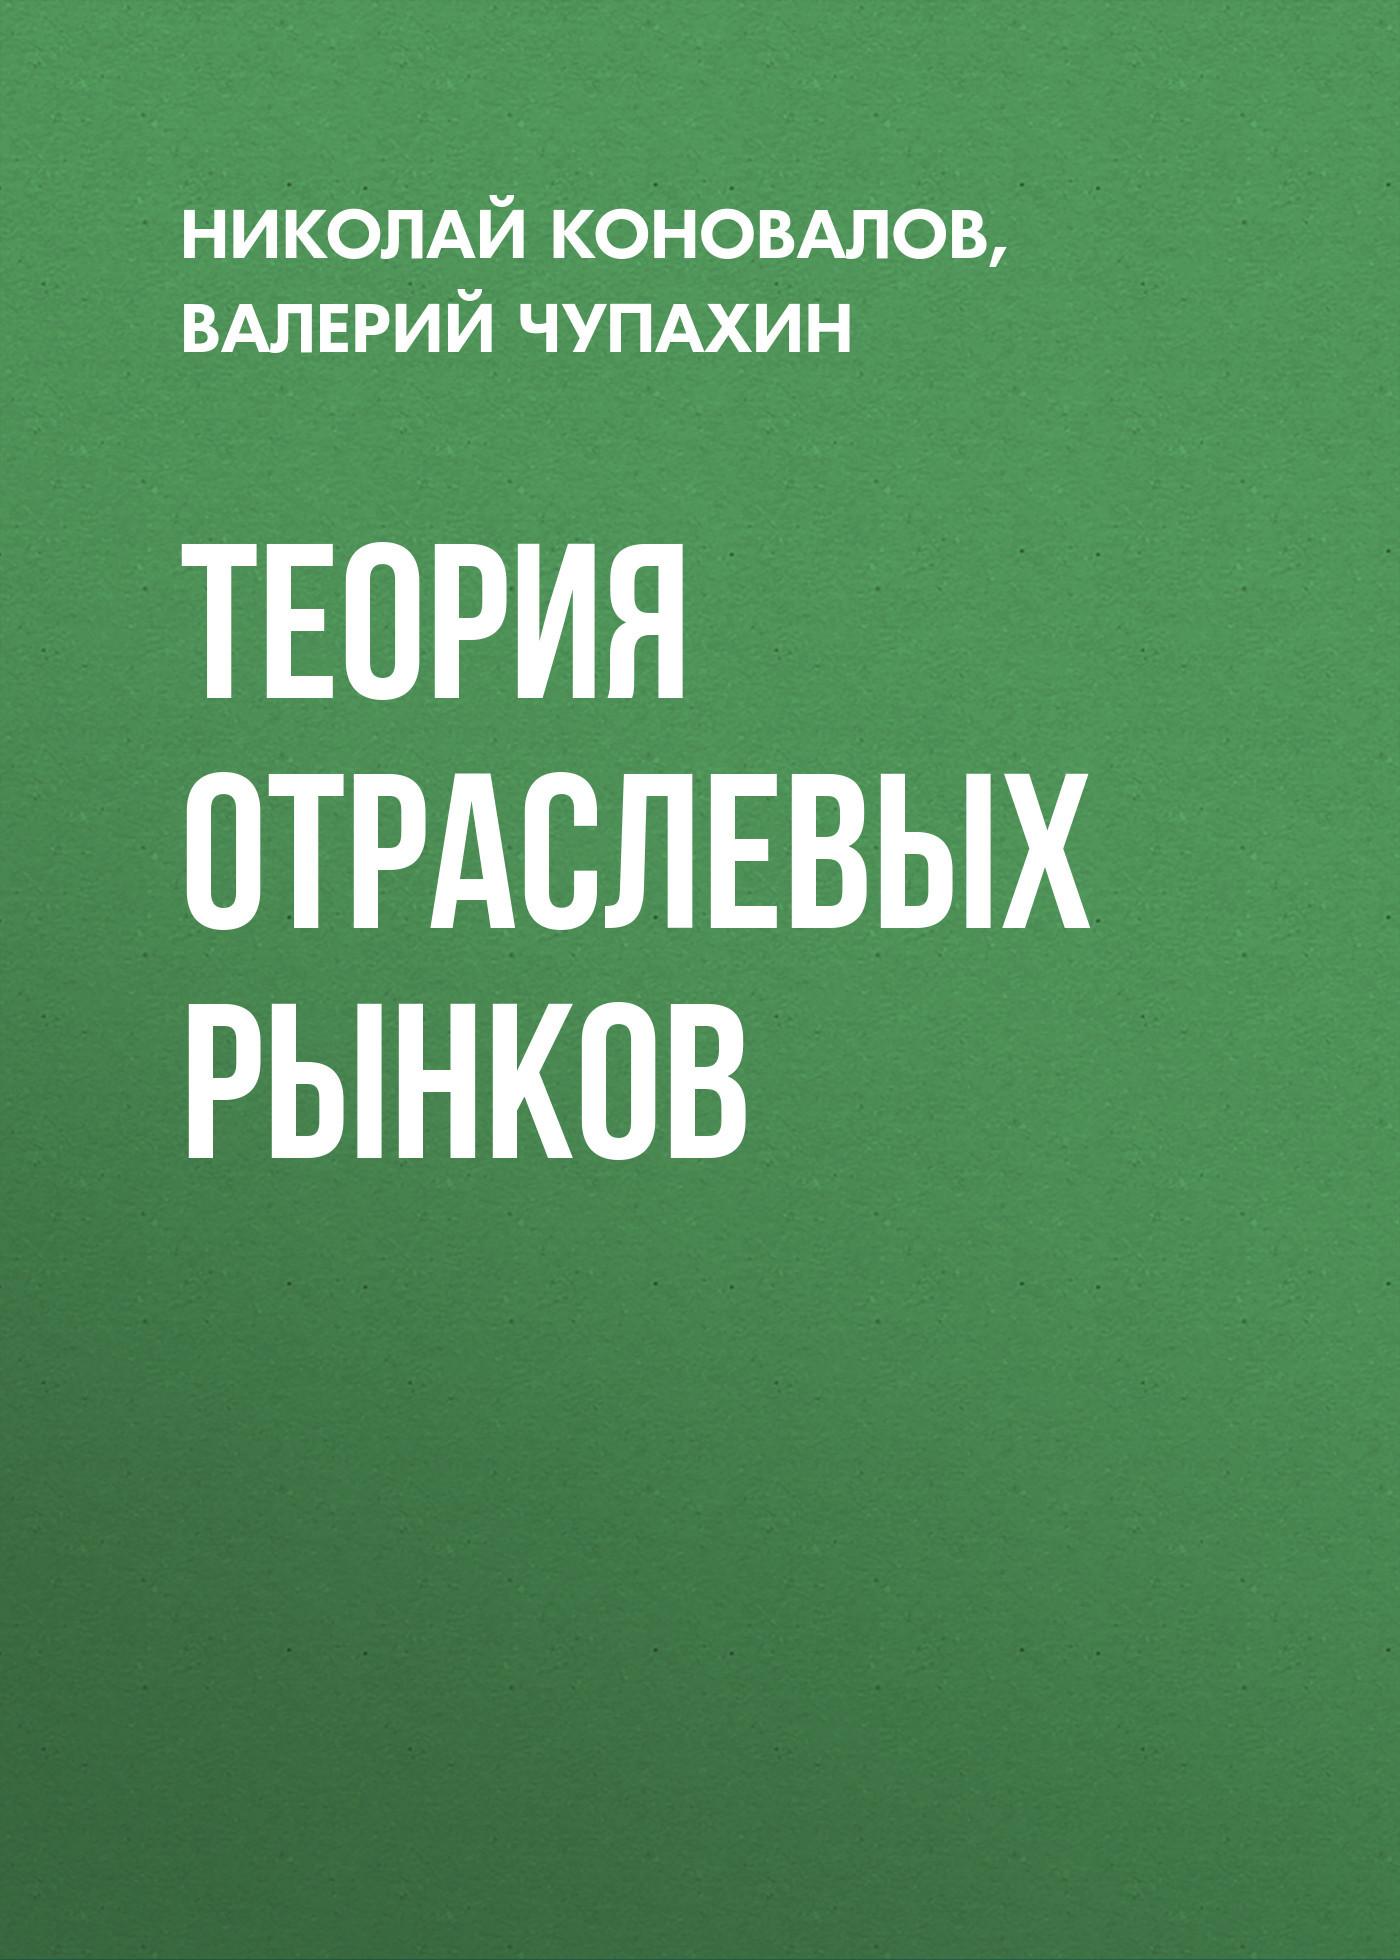 Николай Коновалов. Теория отраслевых рынков